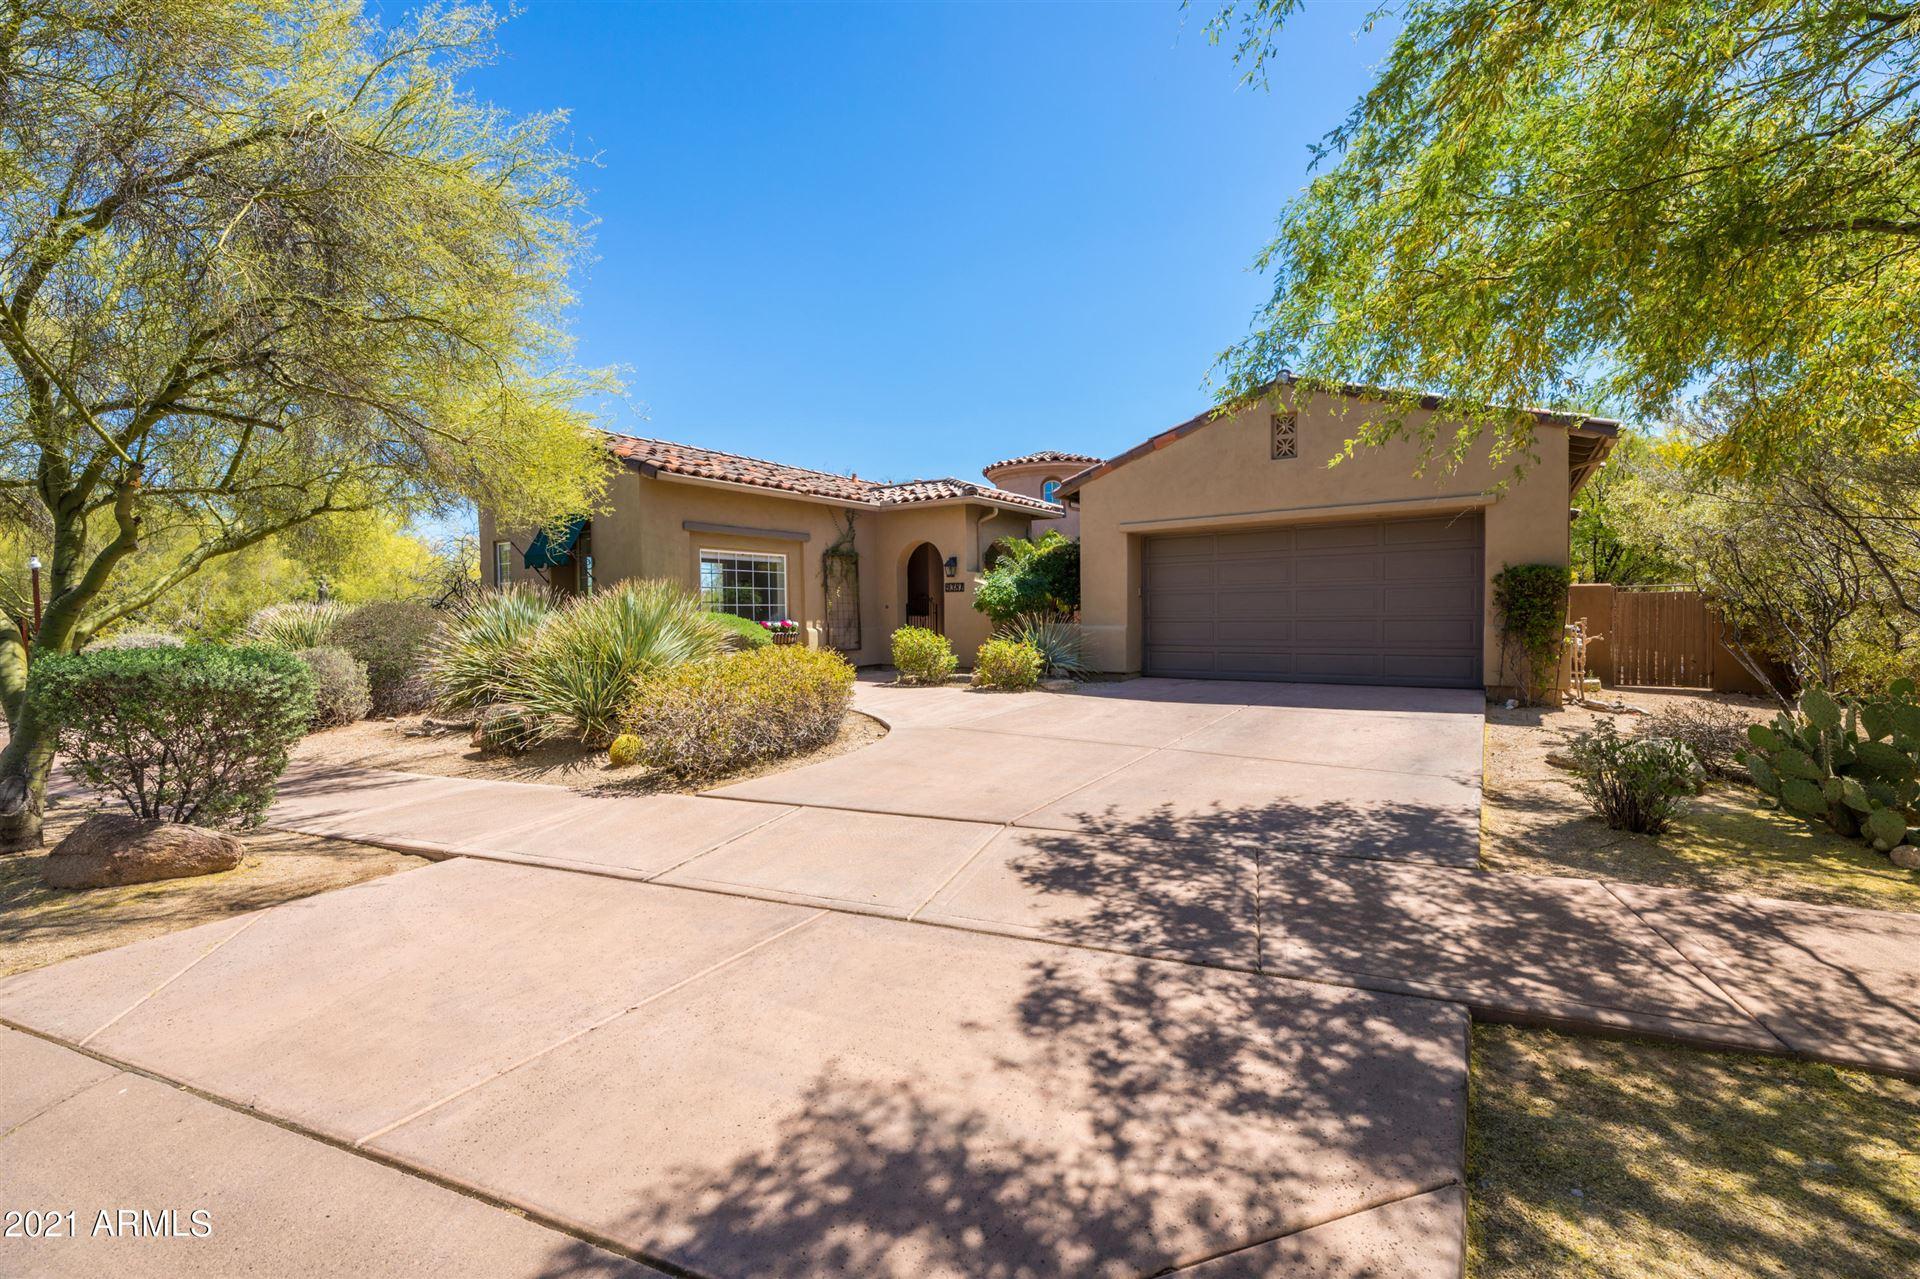 Photo of 9381 E MOUNTAIN SPRING Road, Scottsdale, AZ 85255 (MLS # 6224244)